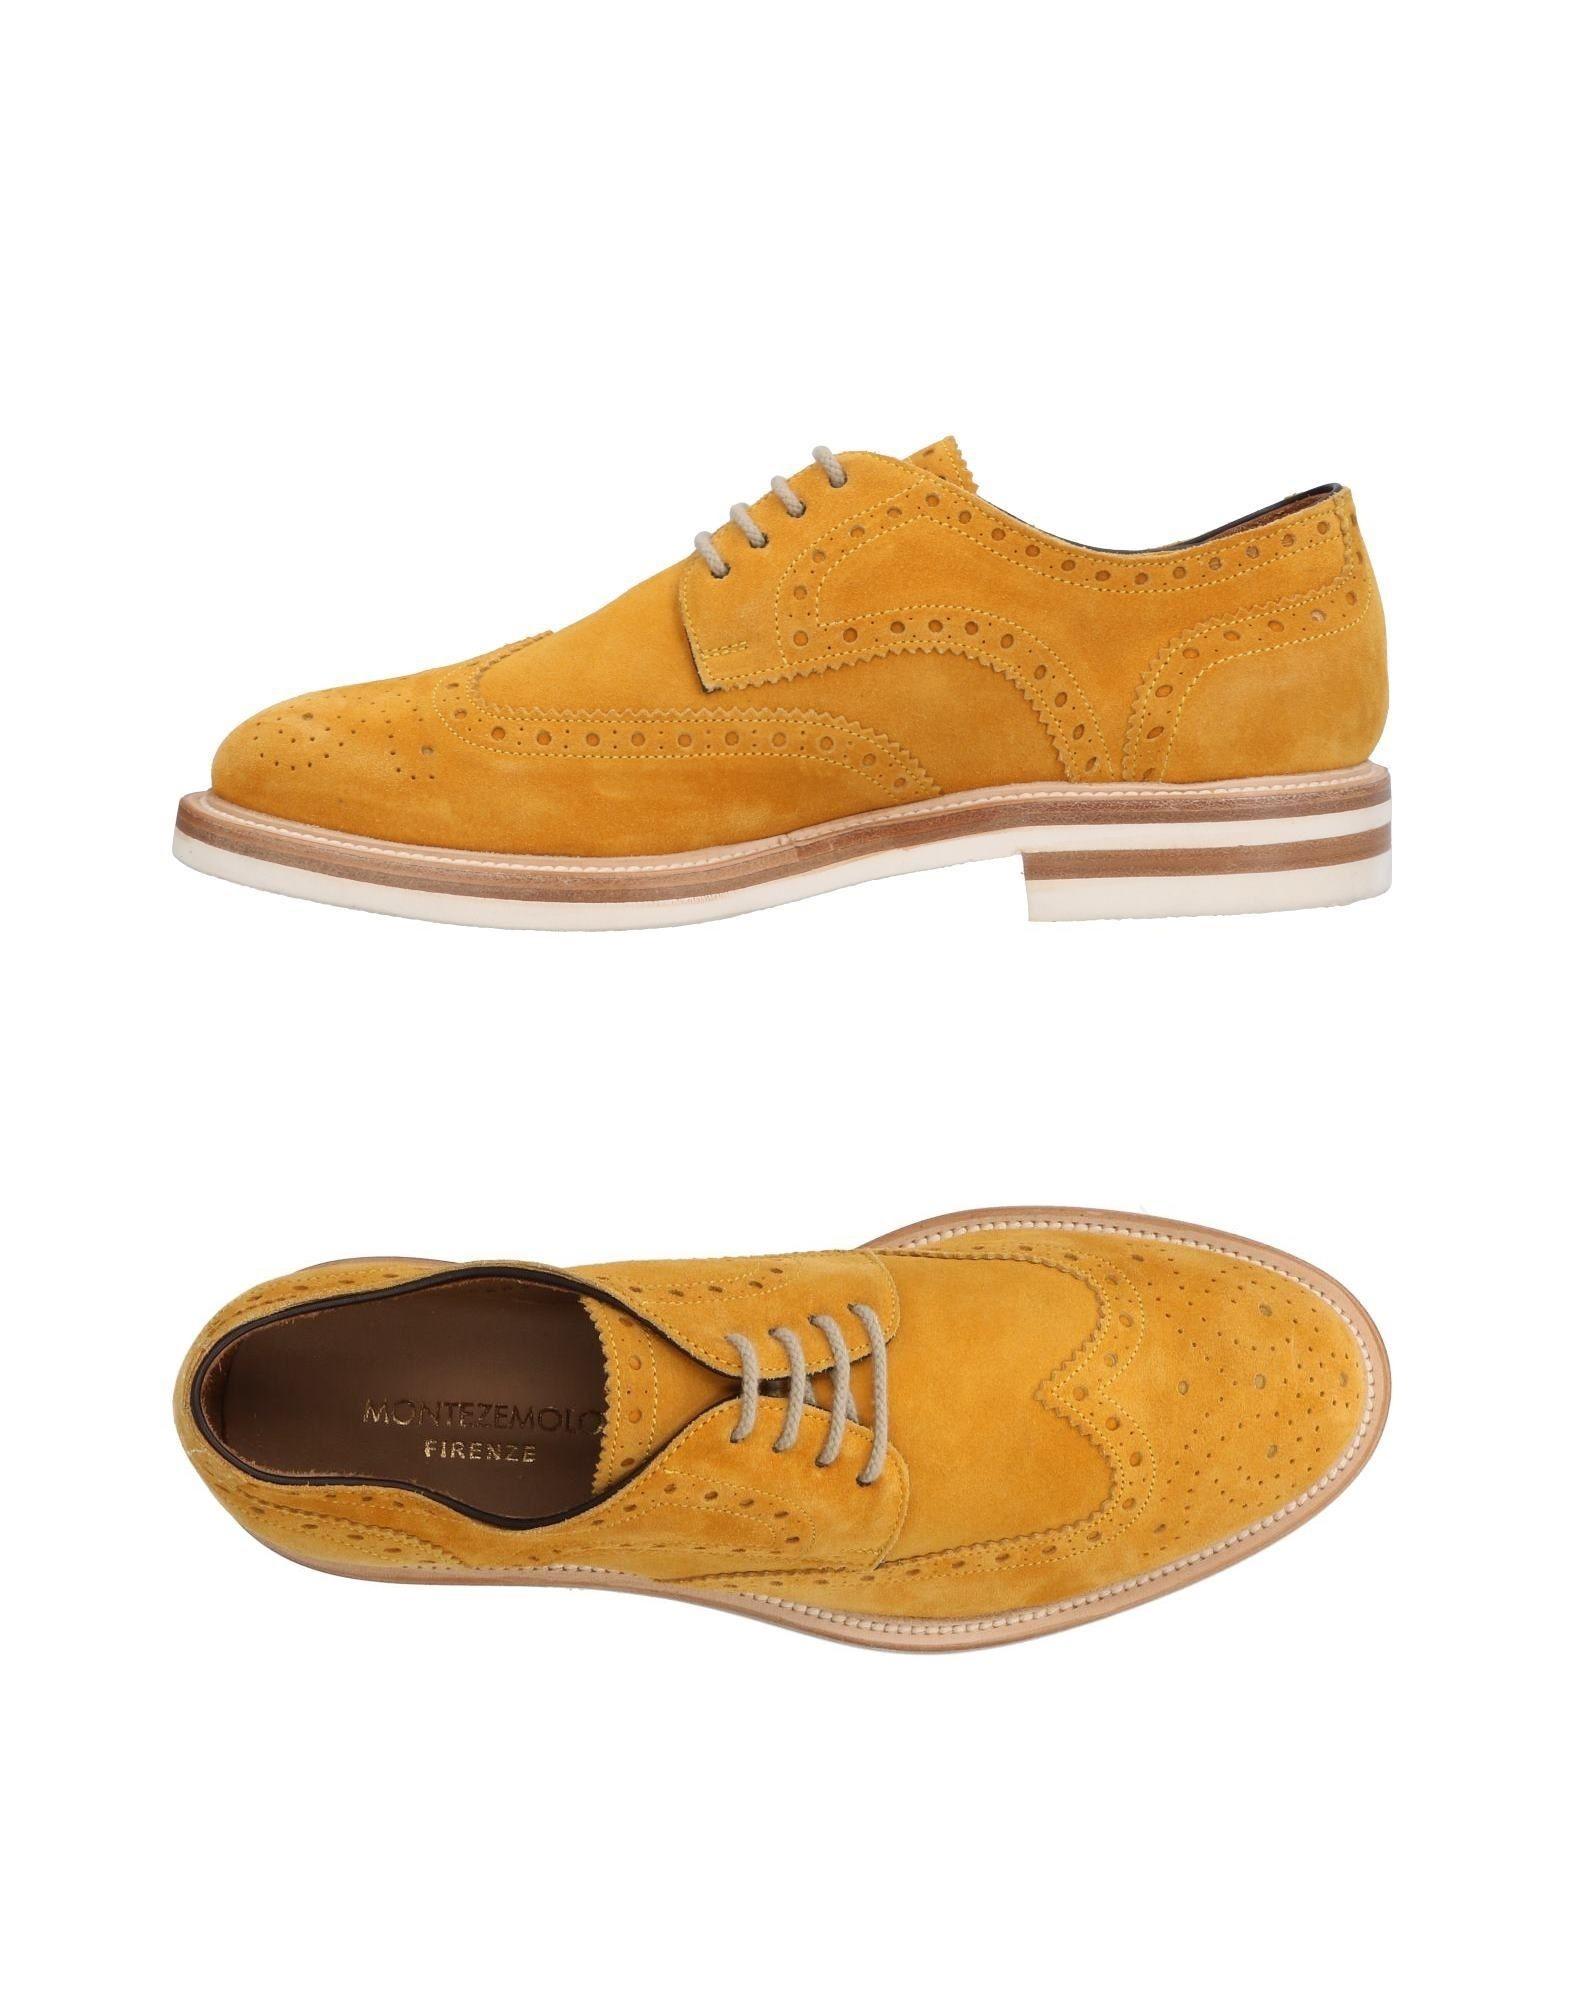 MONTEZEMOLO Laced Shoes in Ocher